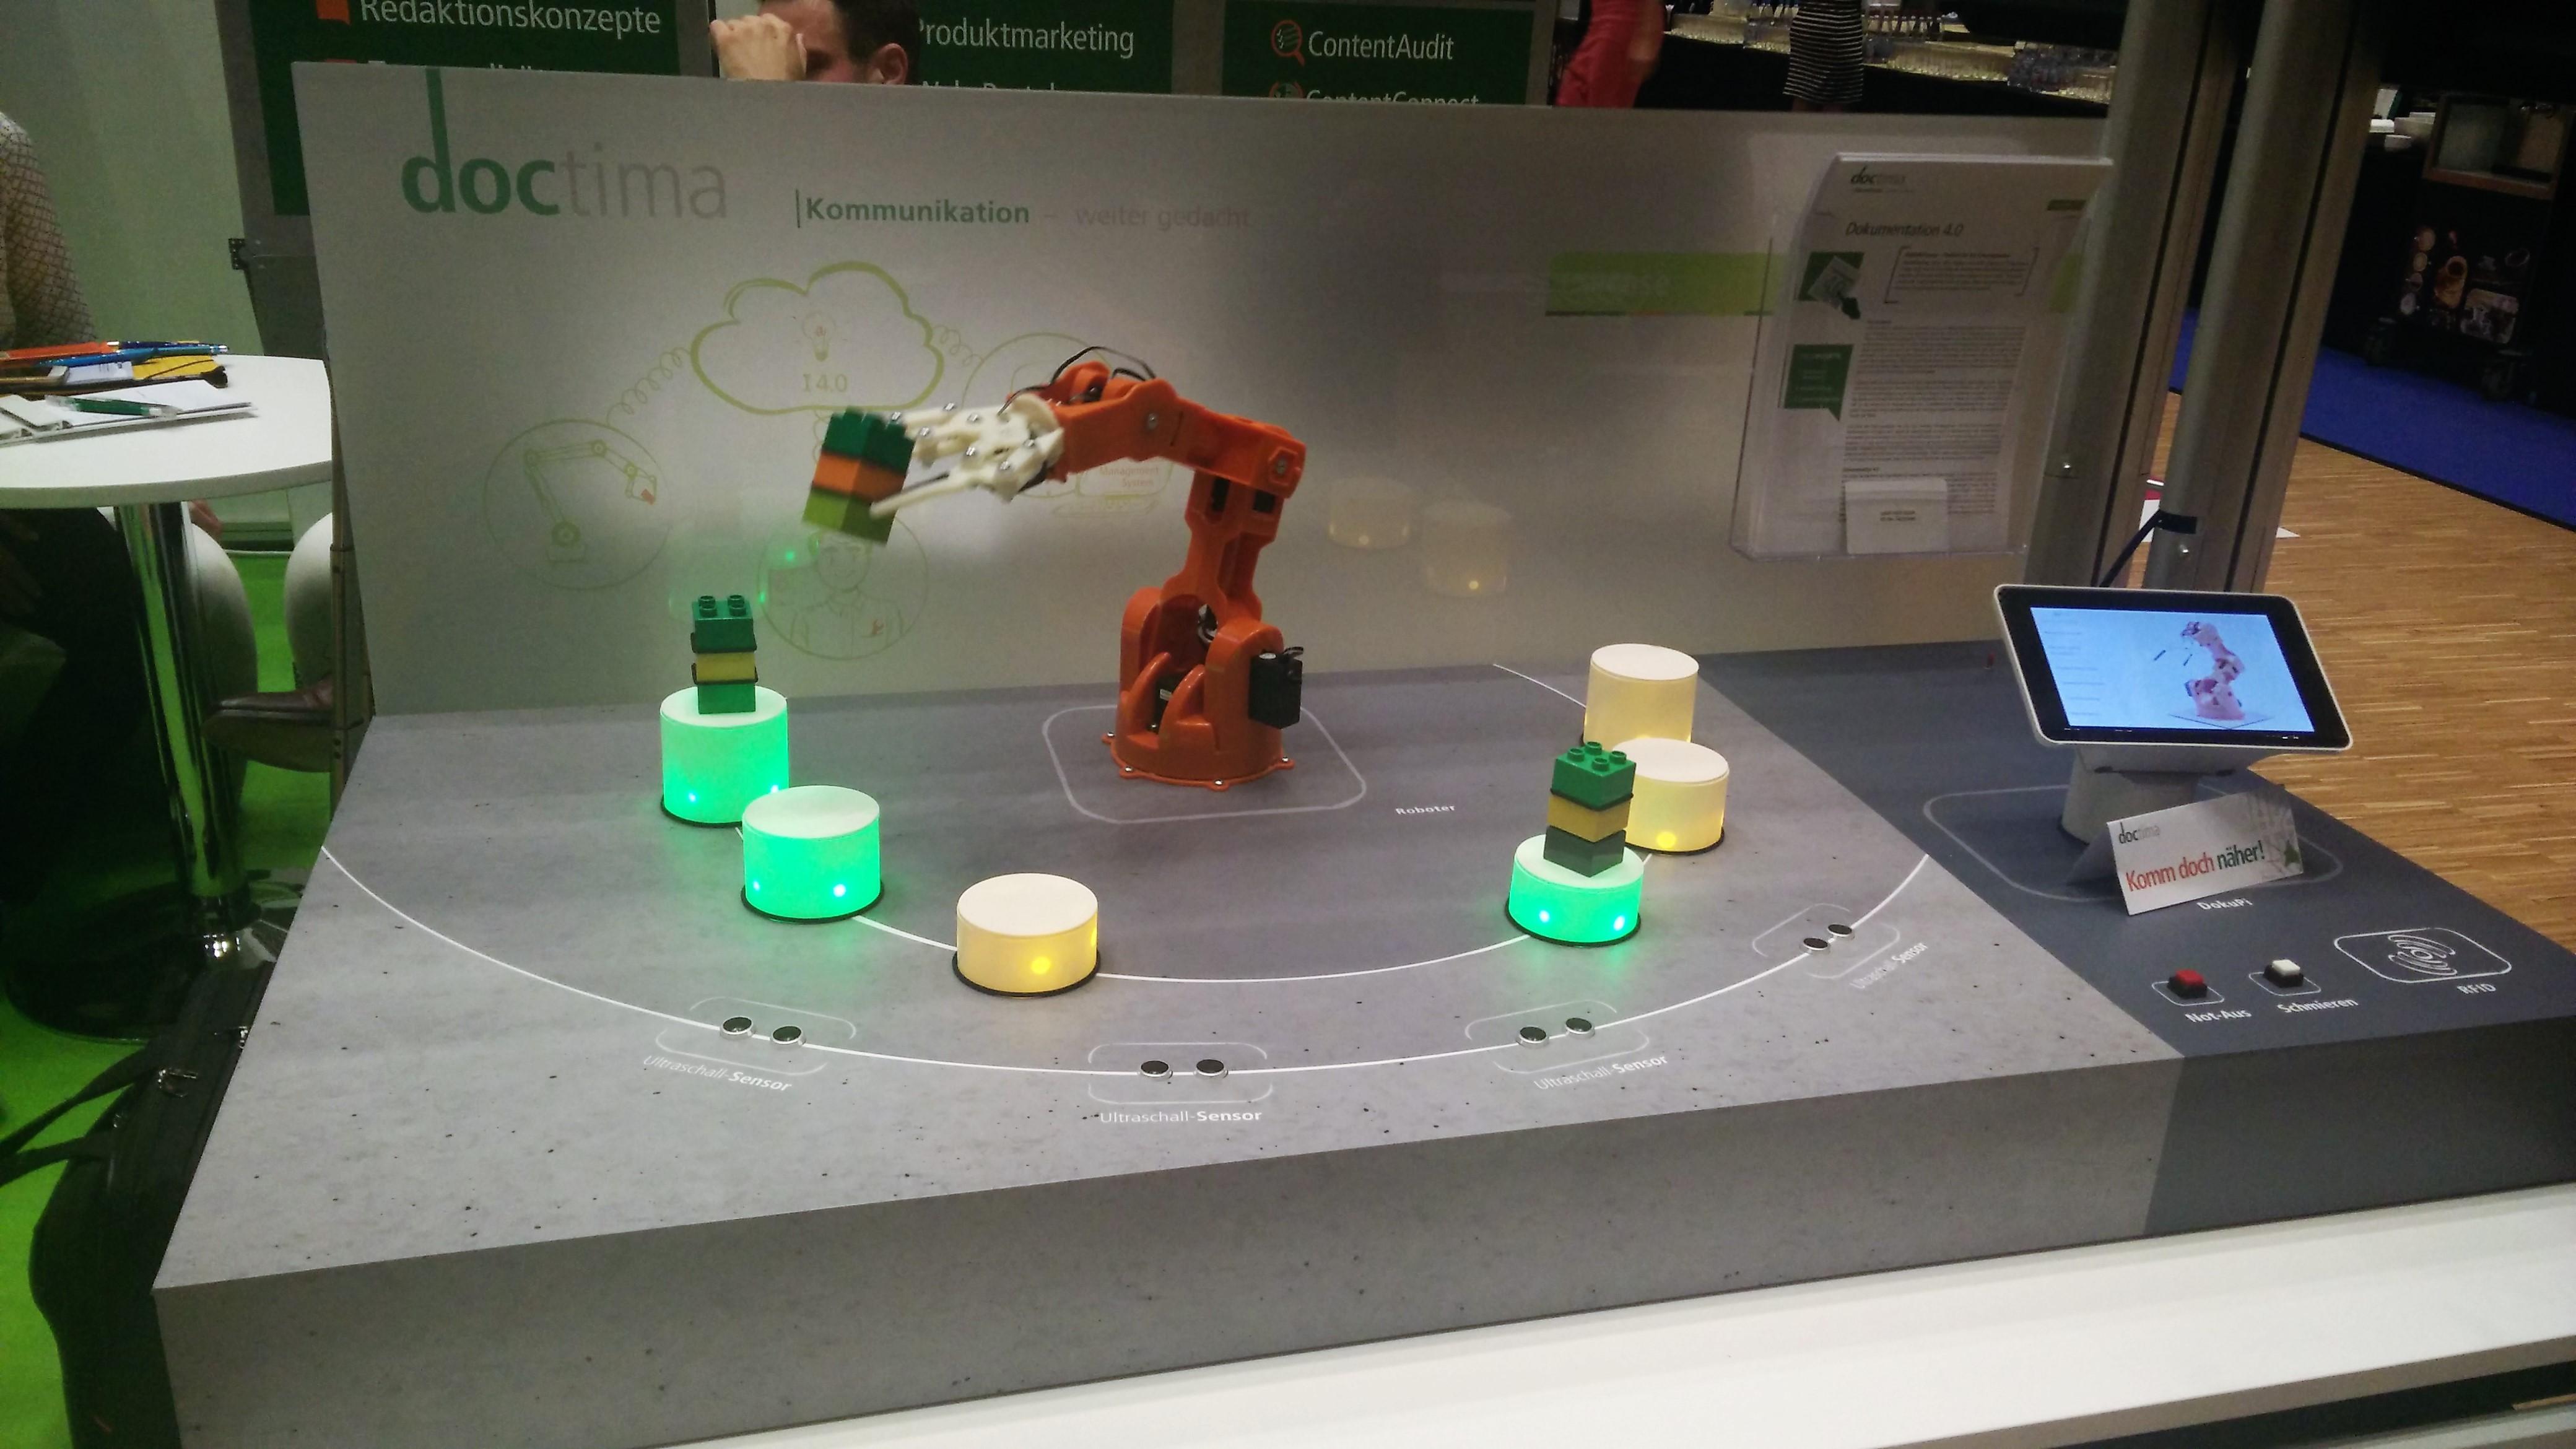 doctima-iiRDS-Roboter-Showcase